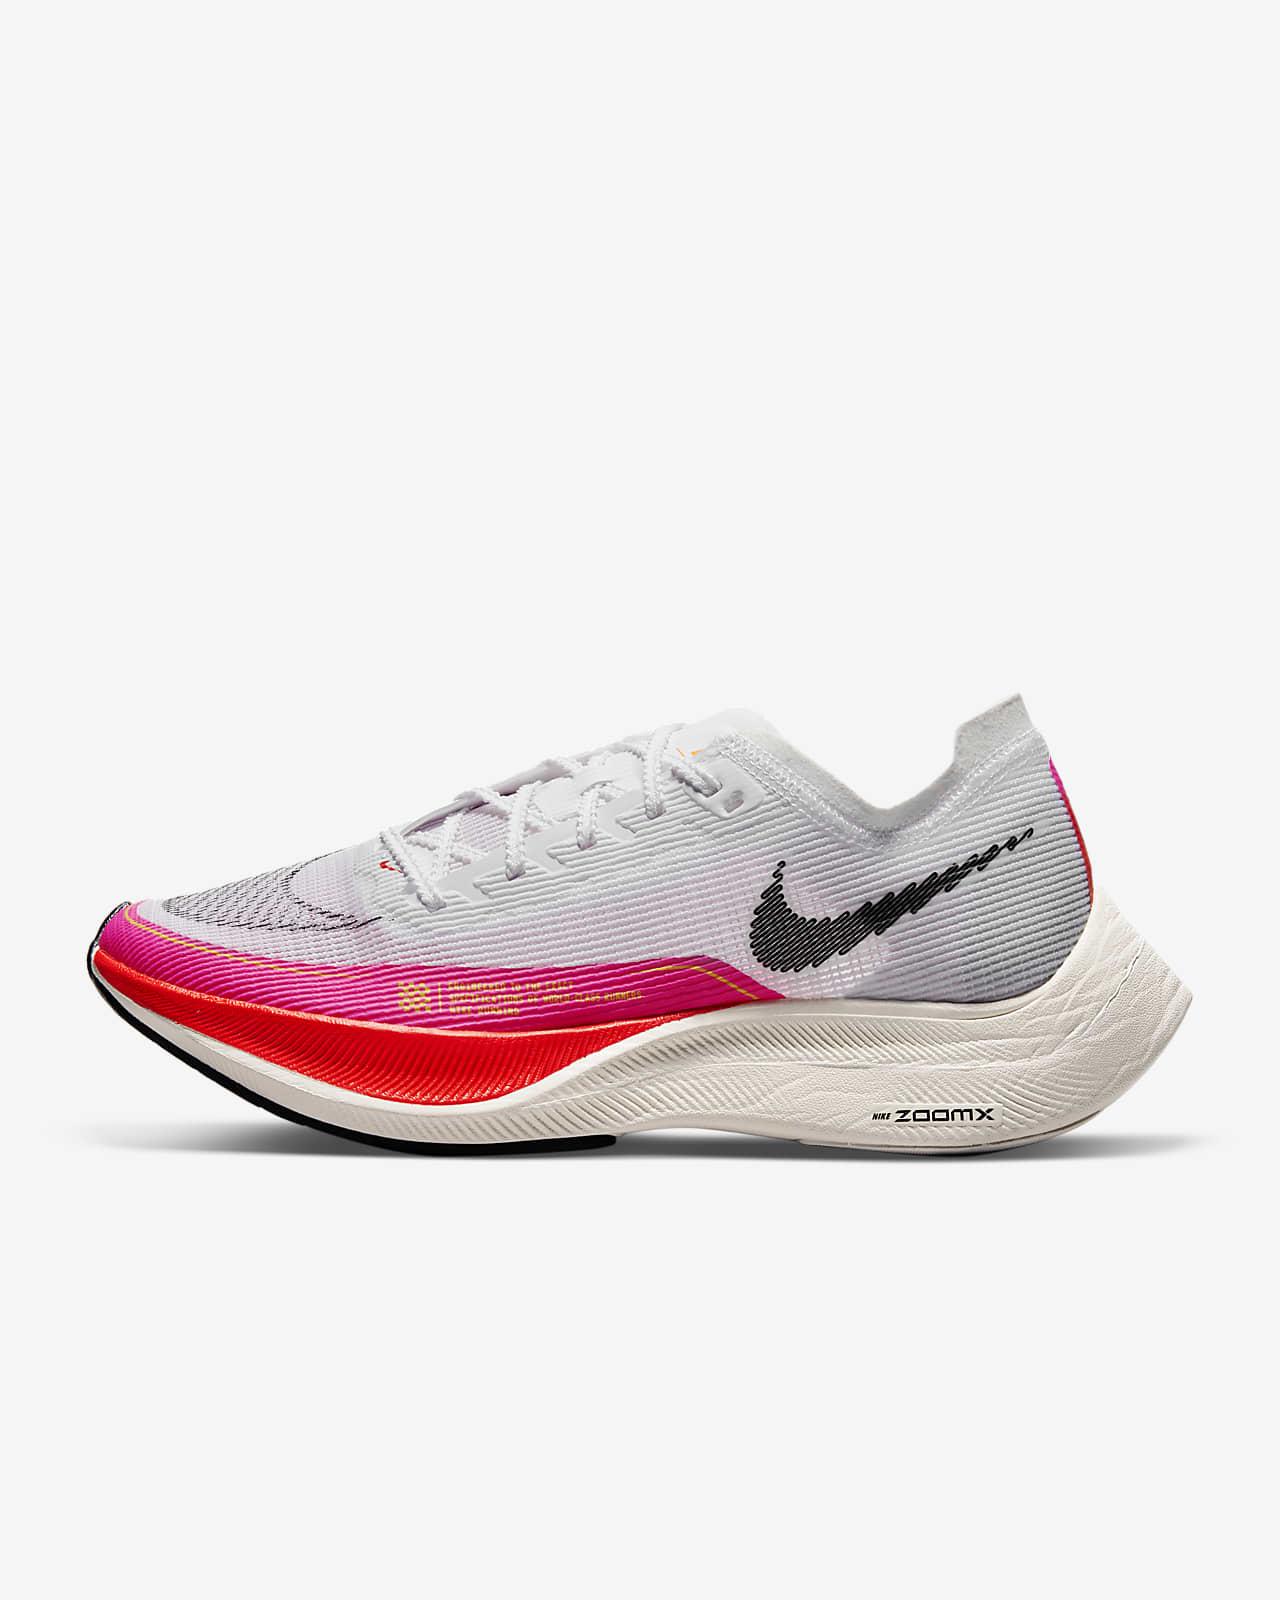 Nike ZoomX Vaporfly Next% 2 Damen-Straßenlaufschuh für Wettkämpfe